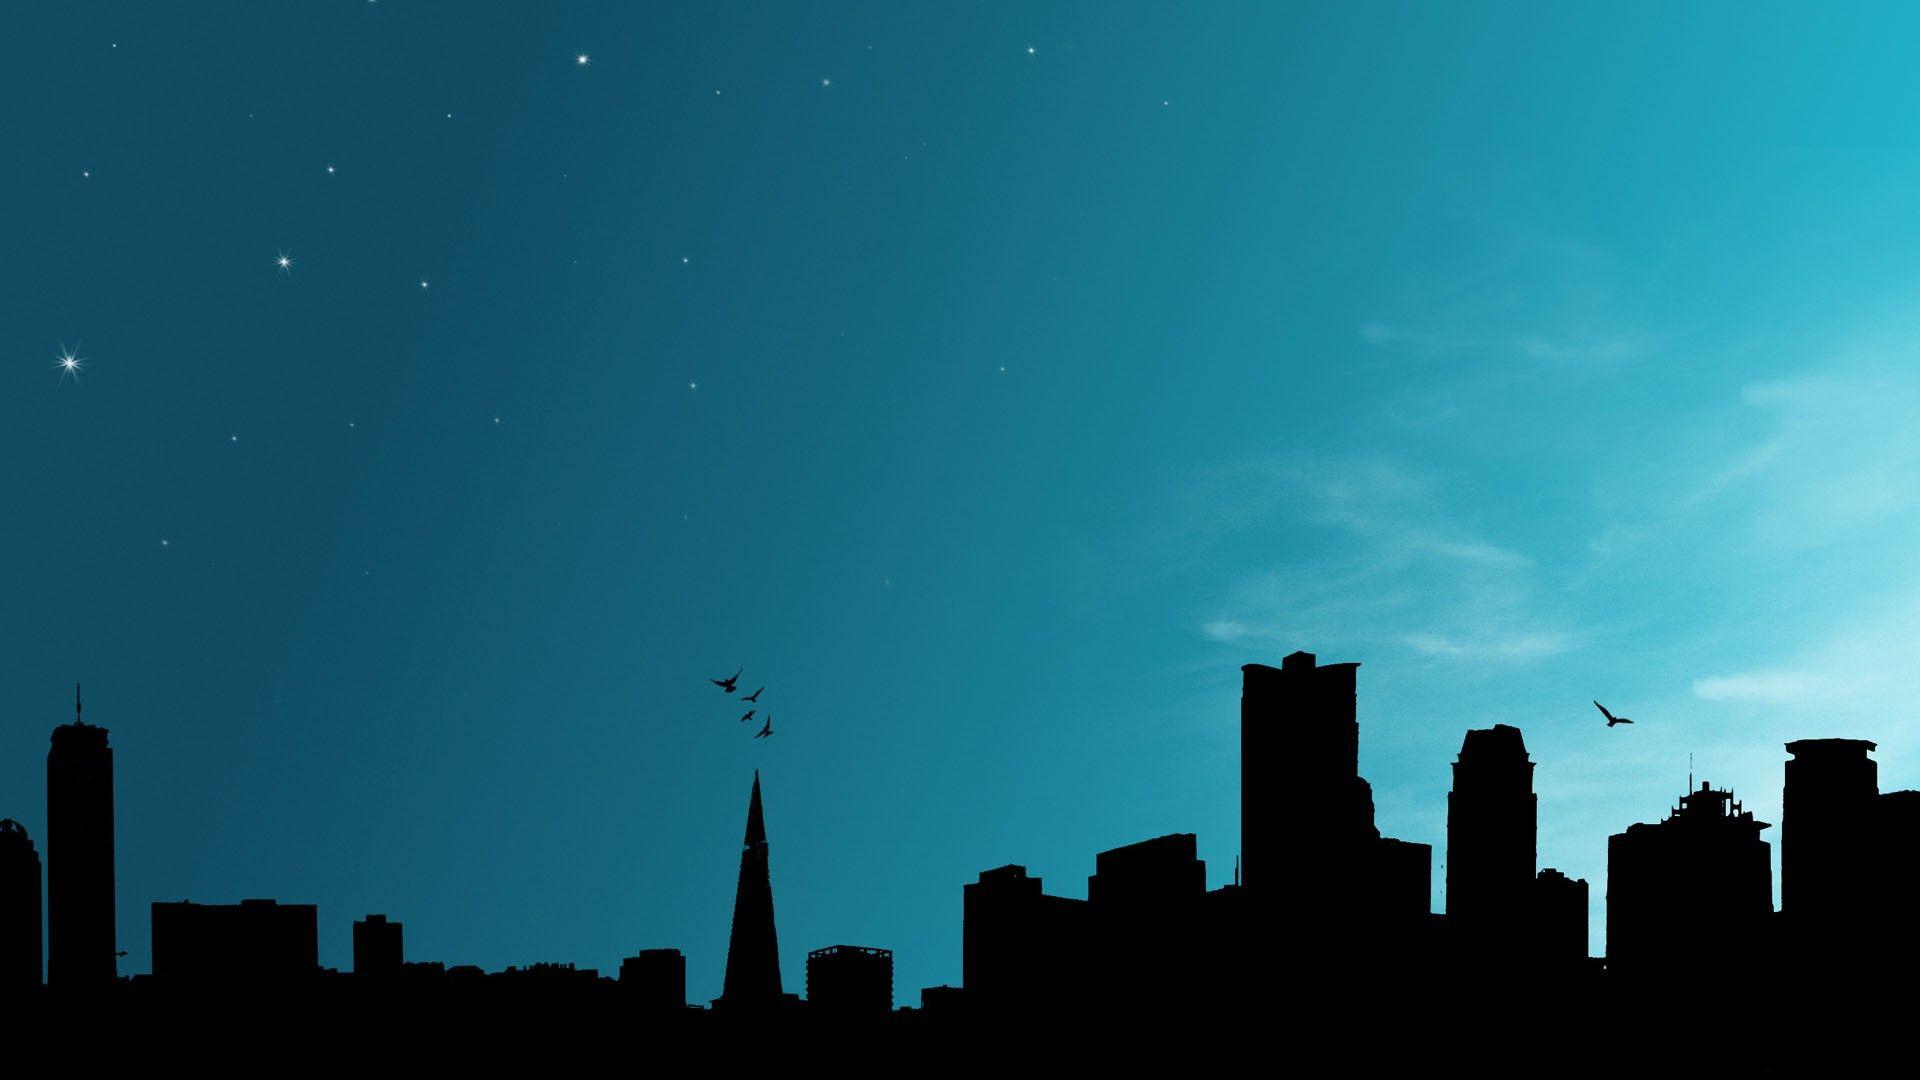 夜の街のシルエット 壁紙tumblr Hd 19x1080 Wallpapertip